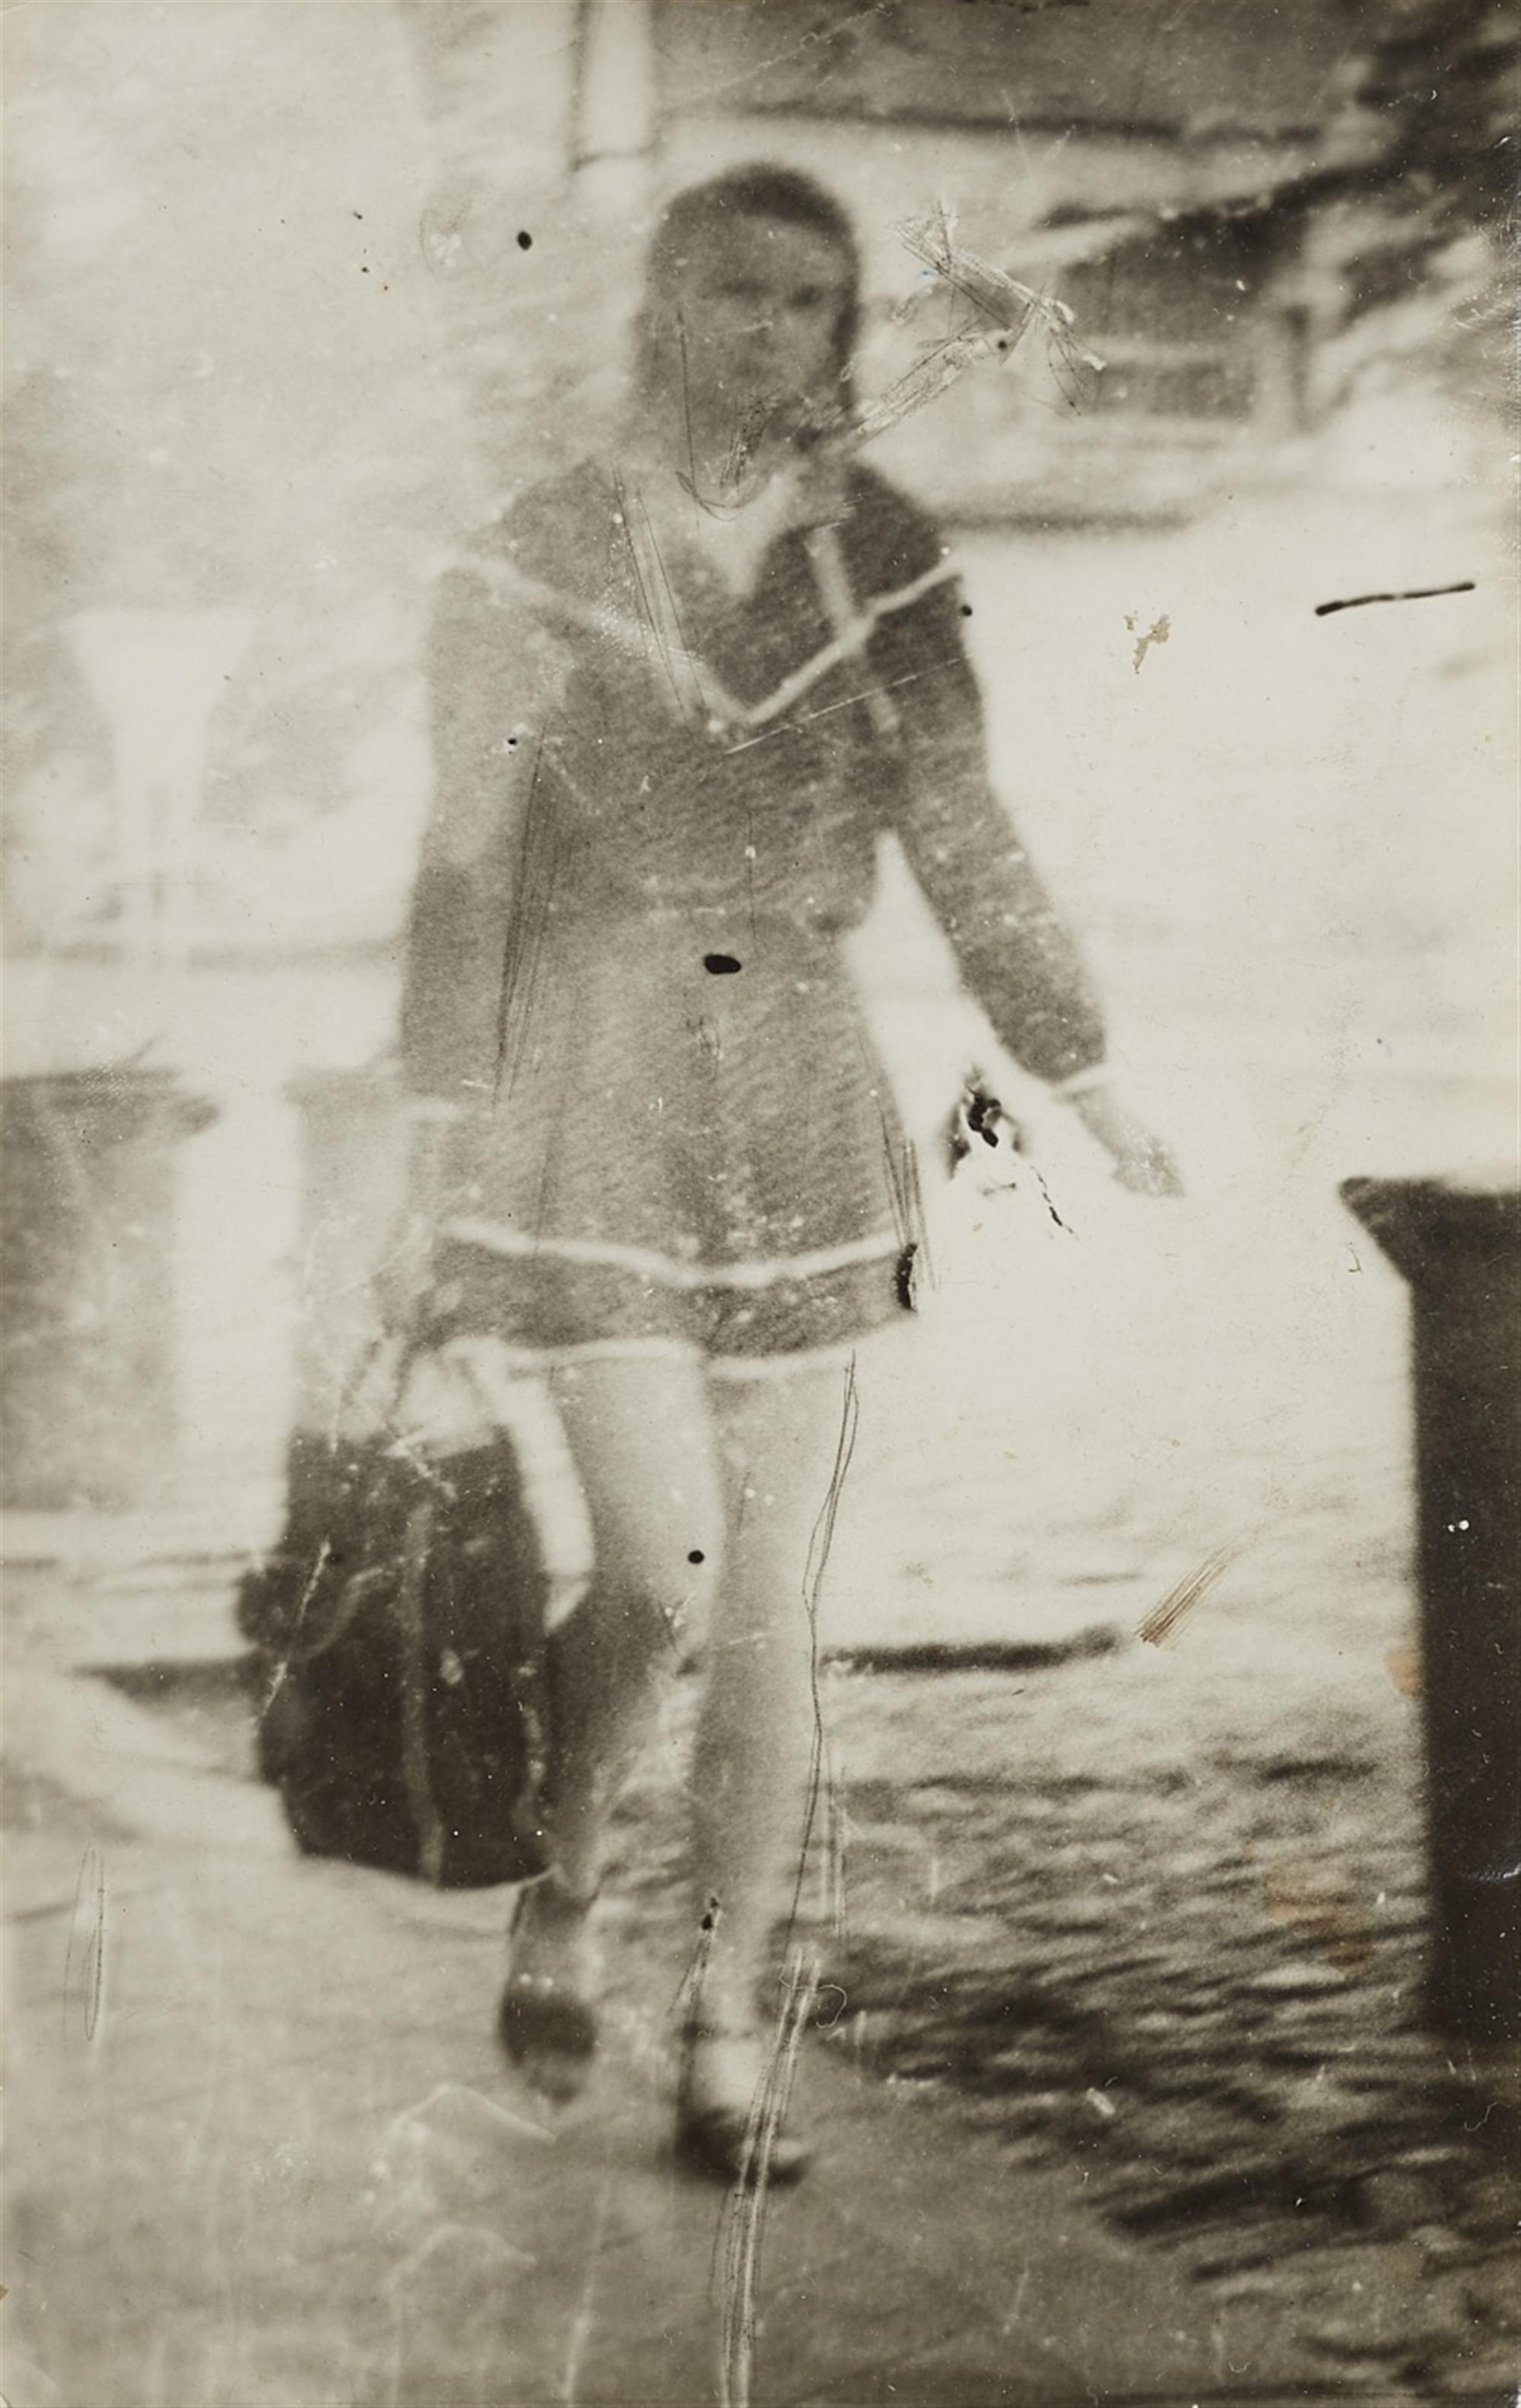 Miroslav Tichý, Untitled (N) - Image 2 of 2